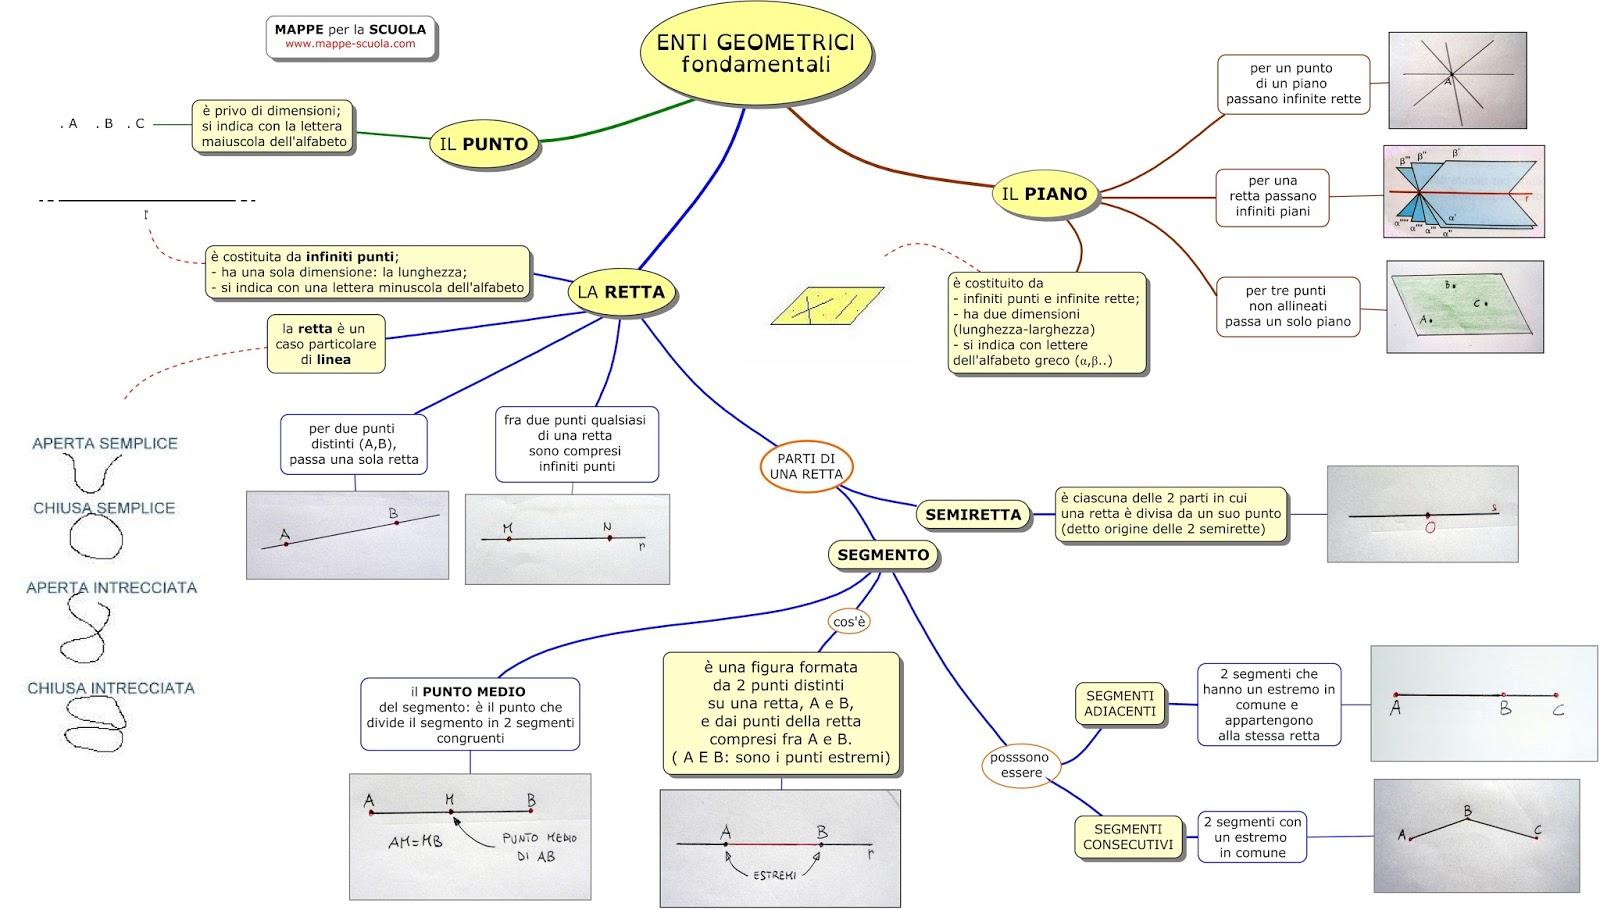 Mappe per la scuola enti geometrici fondamentali for 1 piano piano di storia